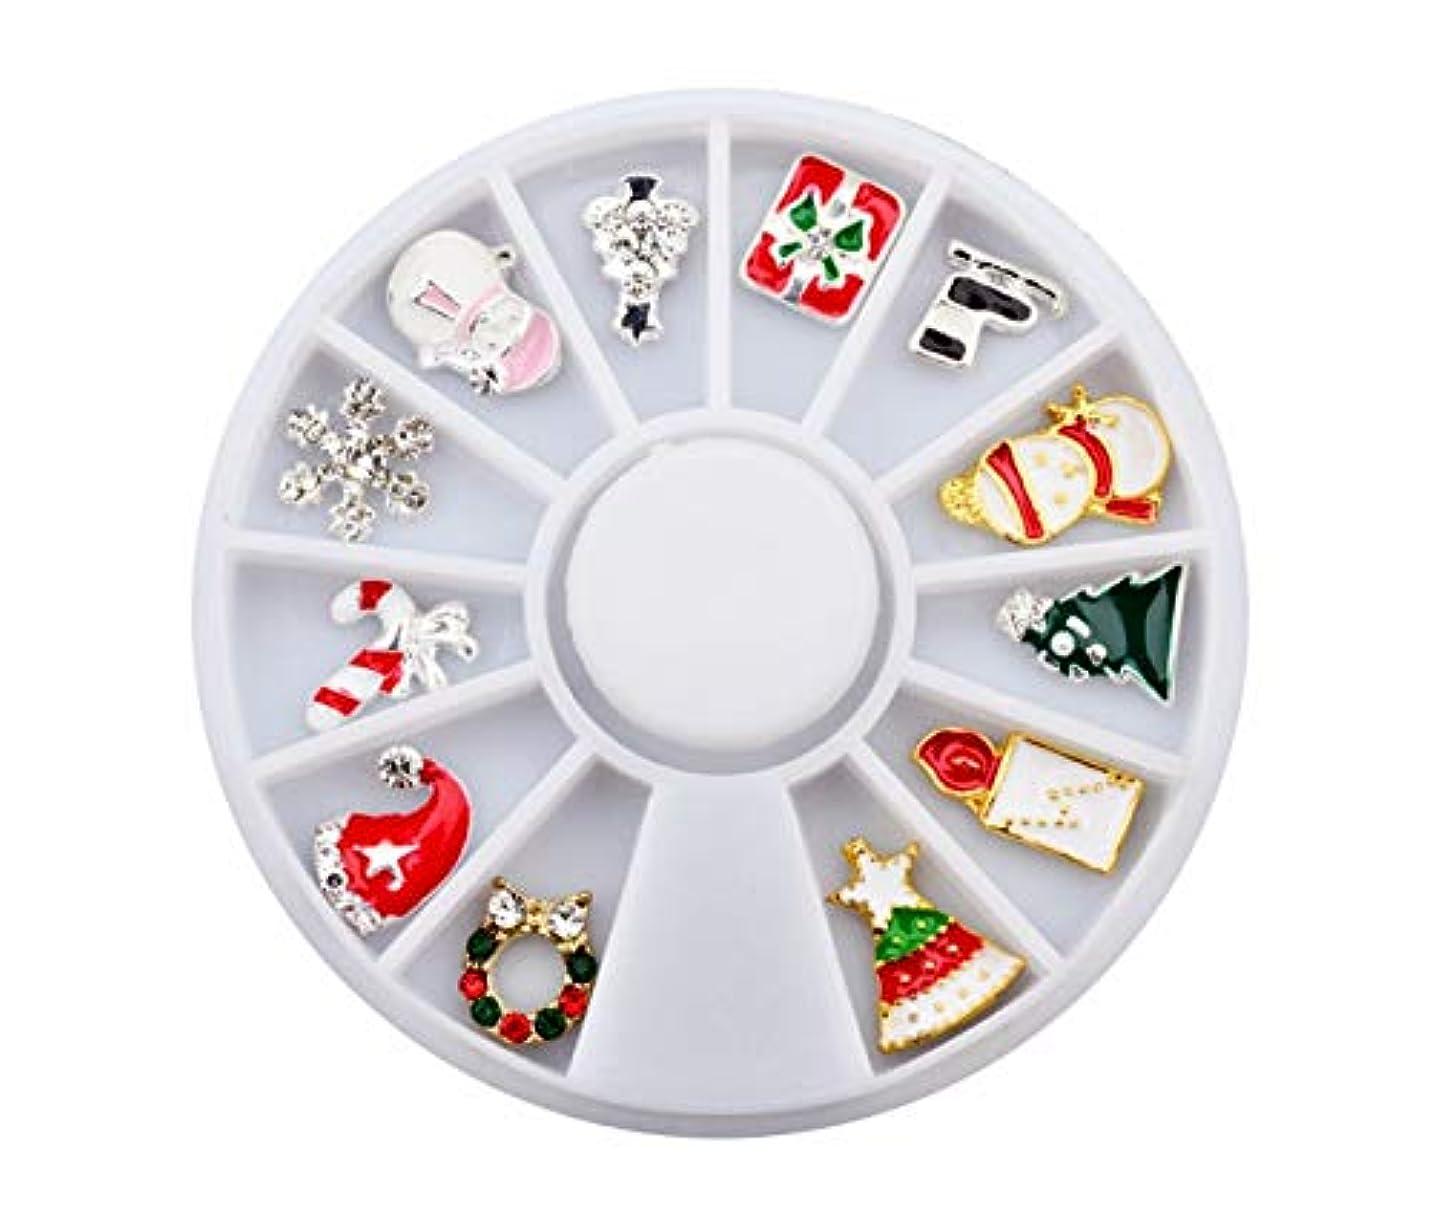 子供っぽい反動代表してTianmey クリスマスフェイク釘金属の3DダイヤモンドDIYネイルアートクリスマスの装飾ホリデー付け爪グリッターラインストーンネイル用品ジュエリー